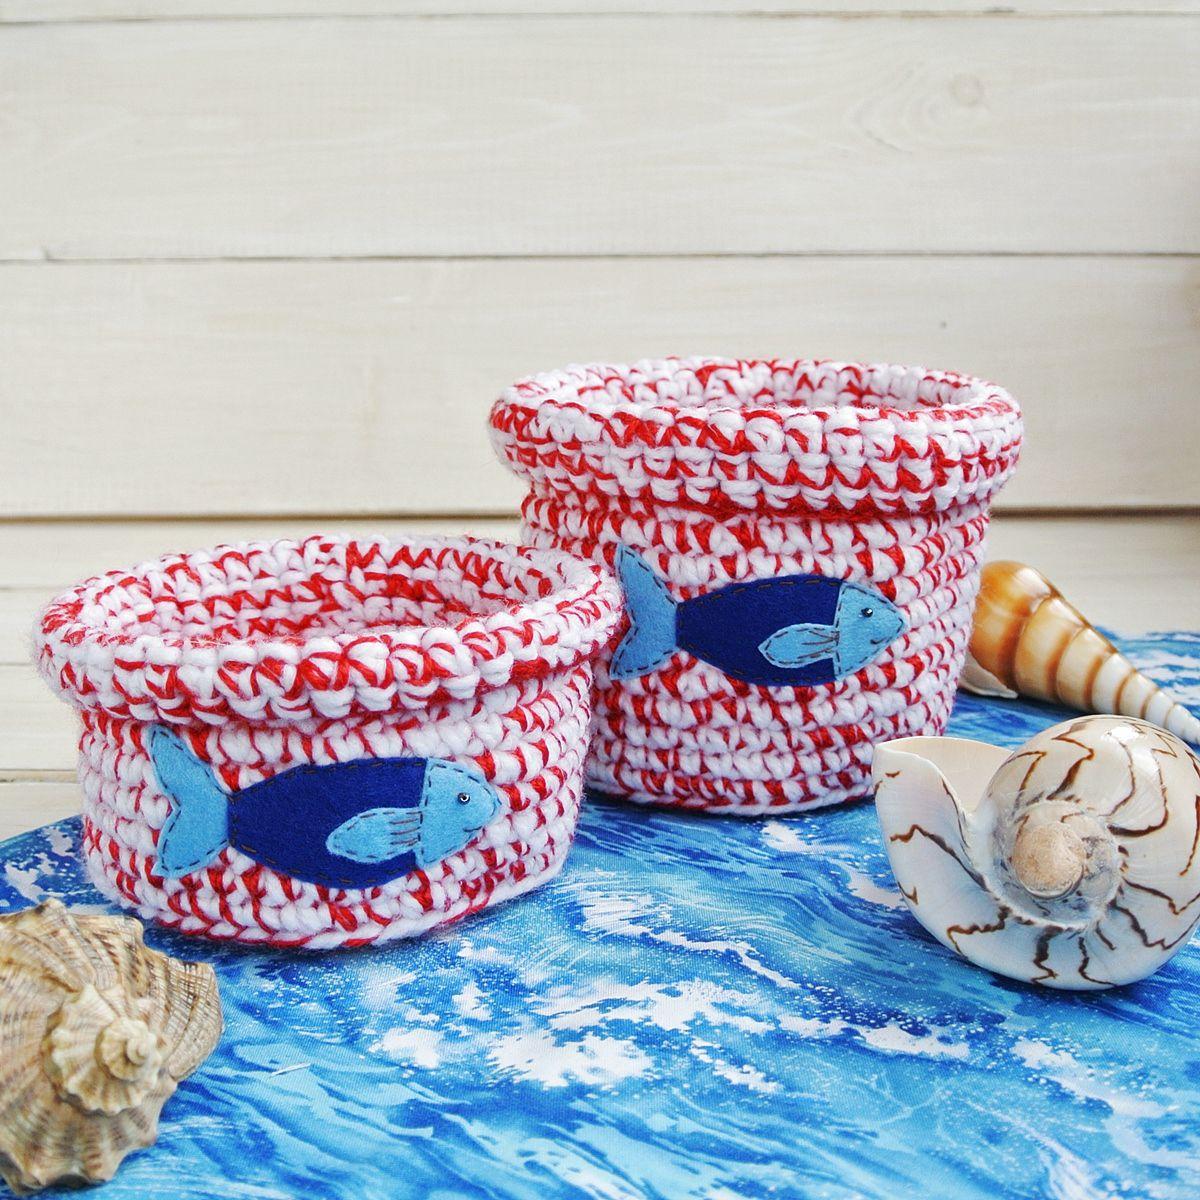 порядок декор детям хранение туесок море рыбка подарок